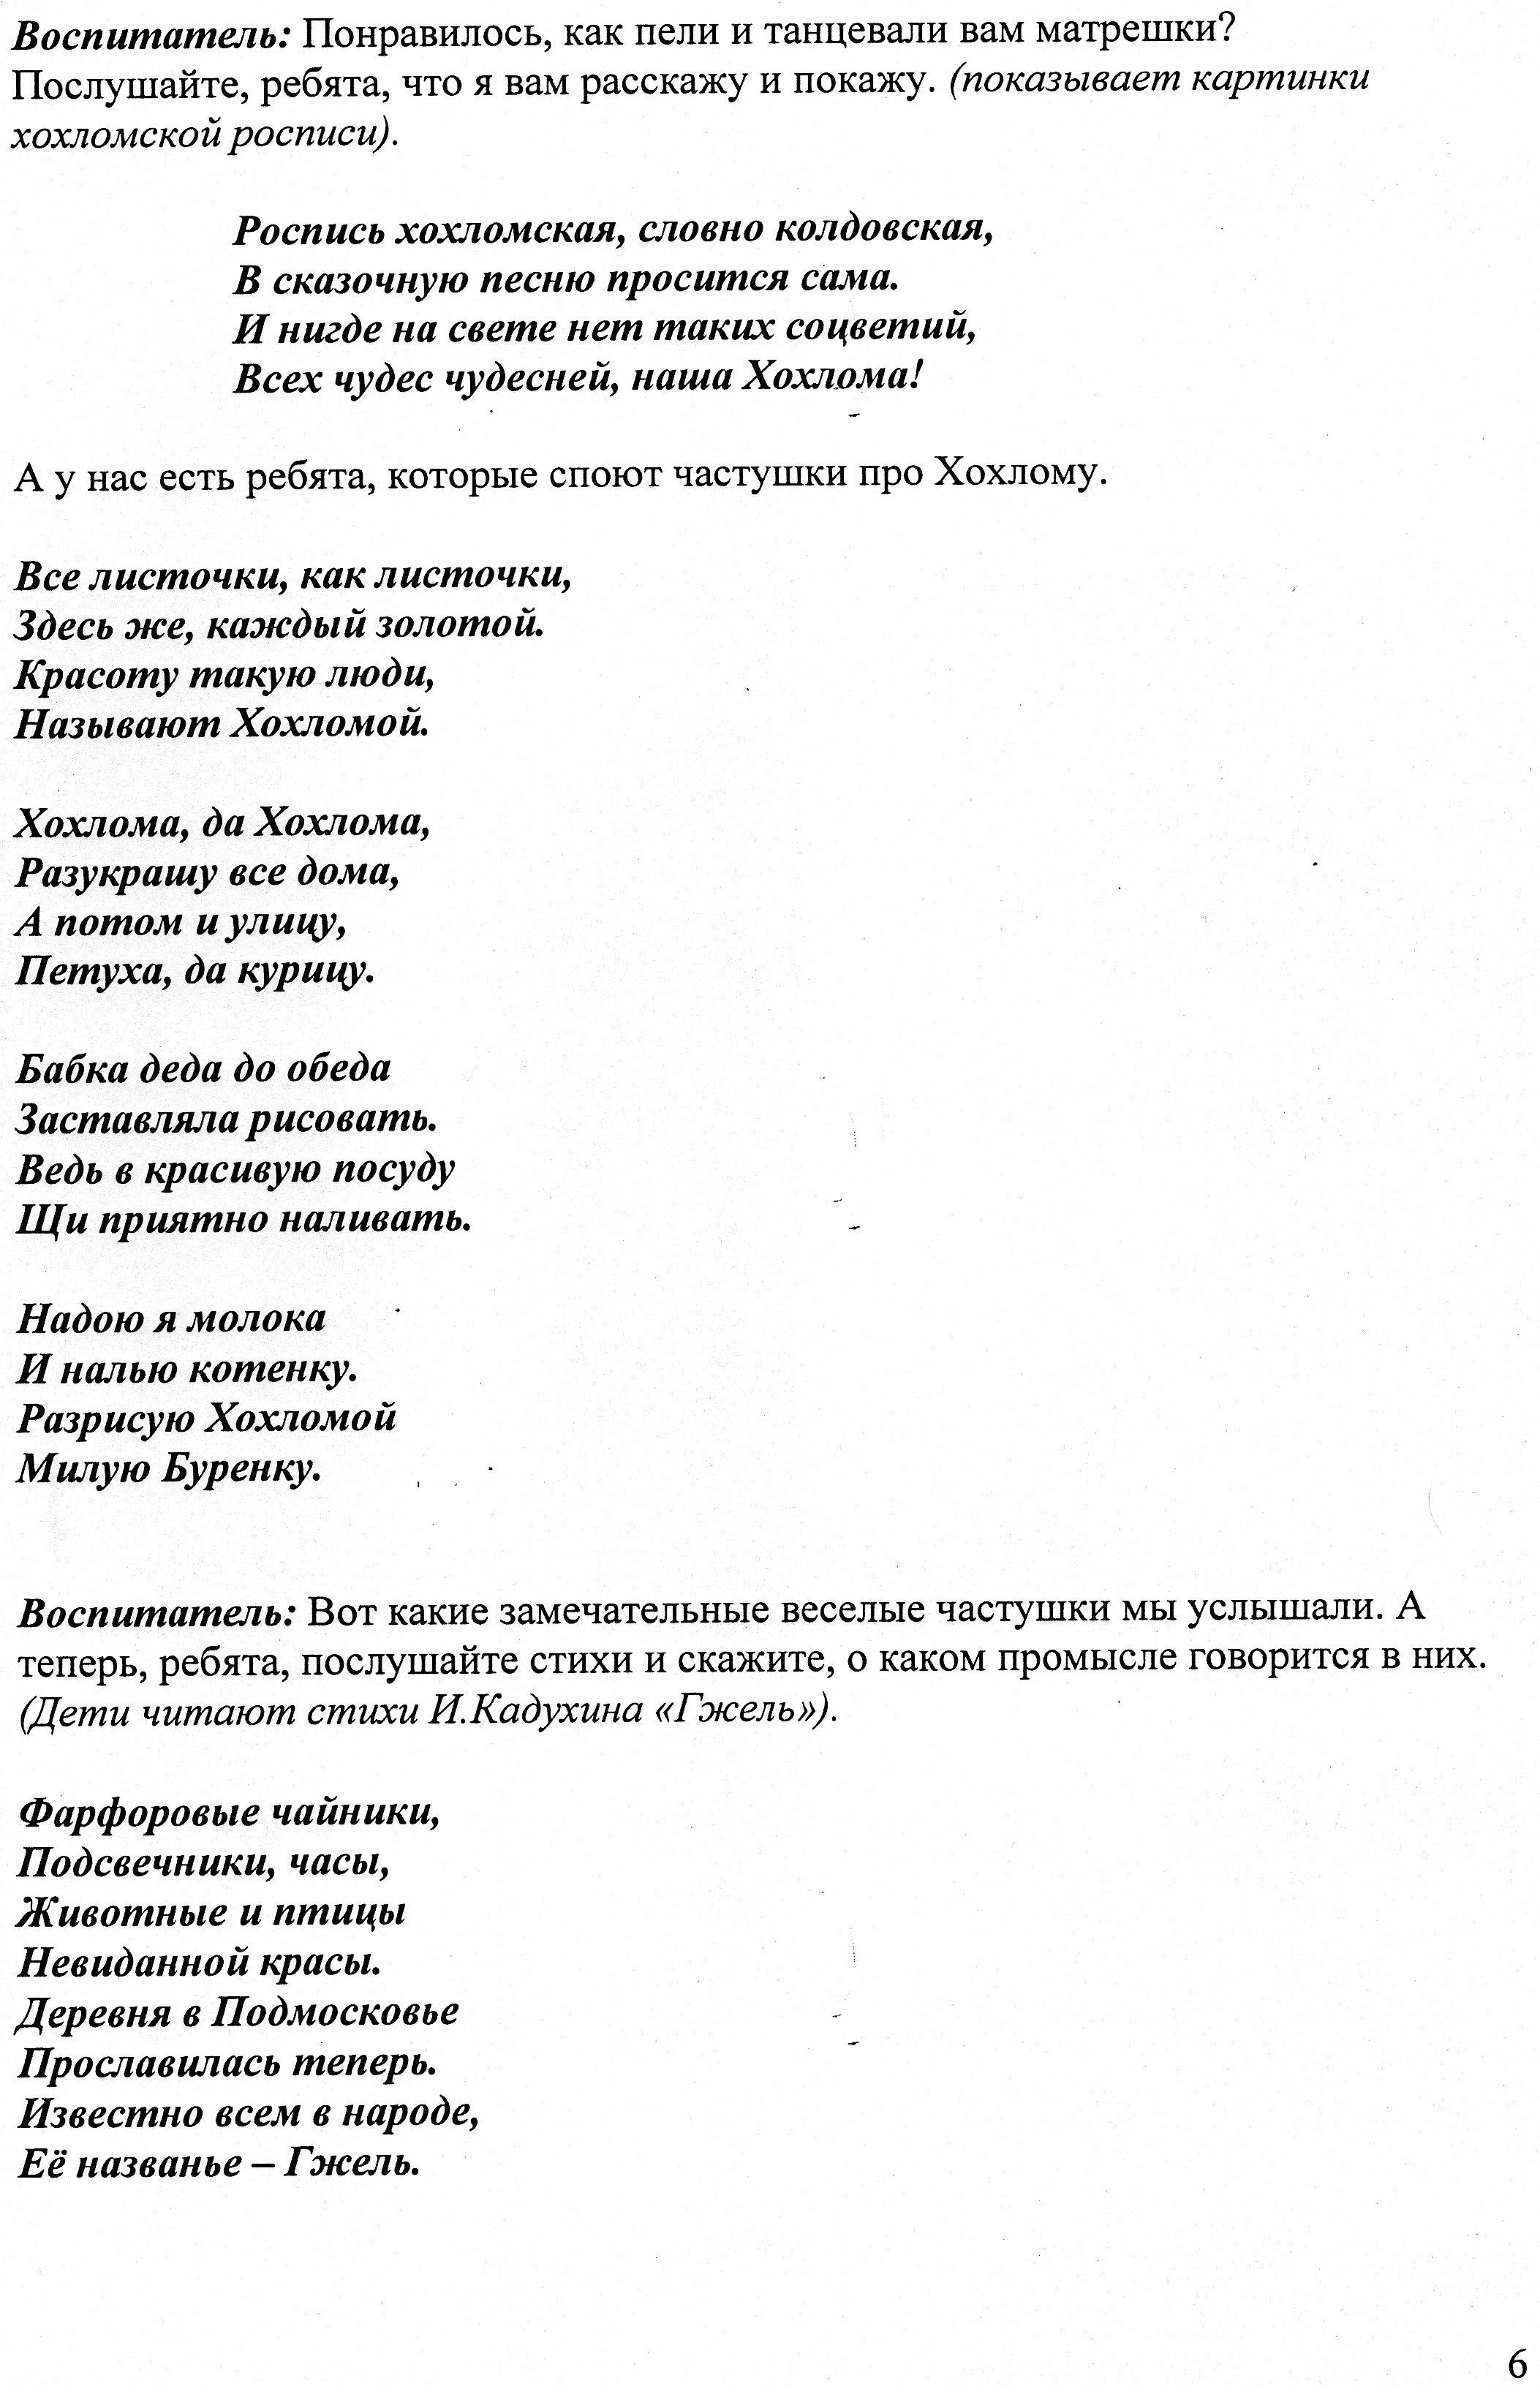 C:\Users\Щербаковы\Pictures\img020.jpg